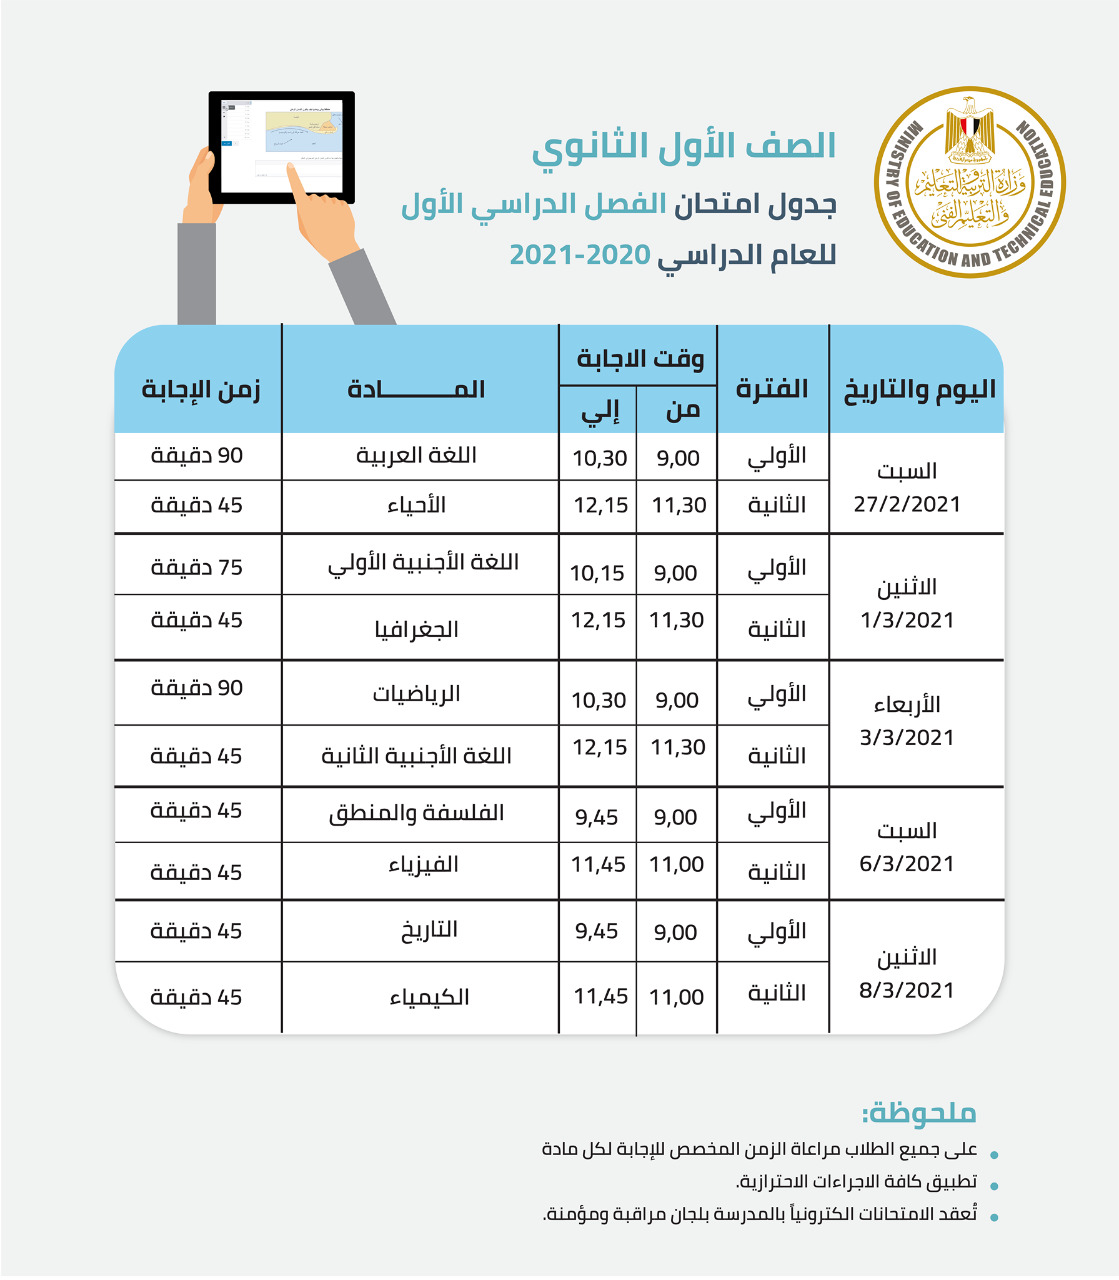 جدول امتحانات الفصل الدراسي الاول للصف الاول الثانوى 2021